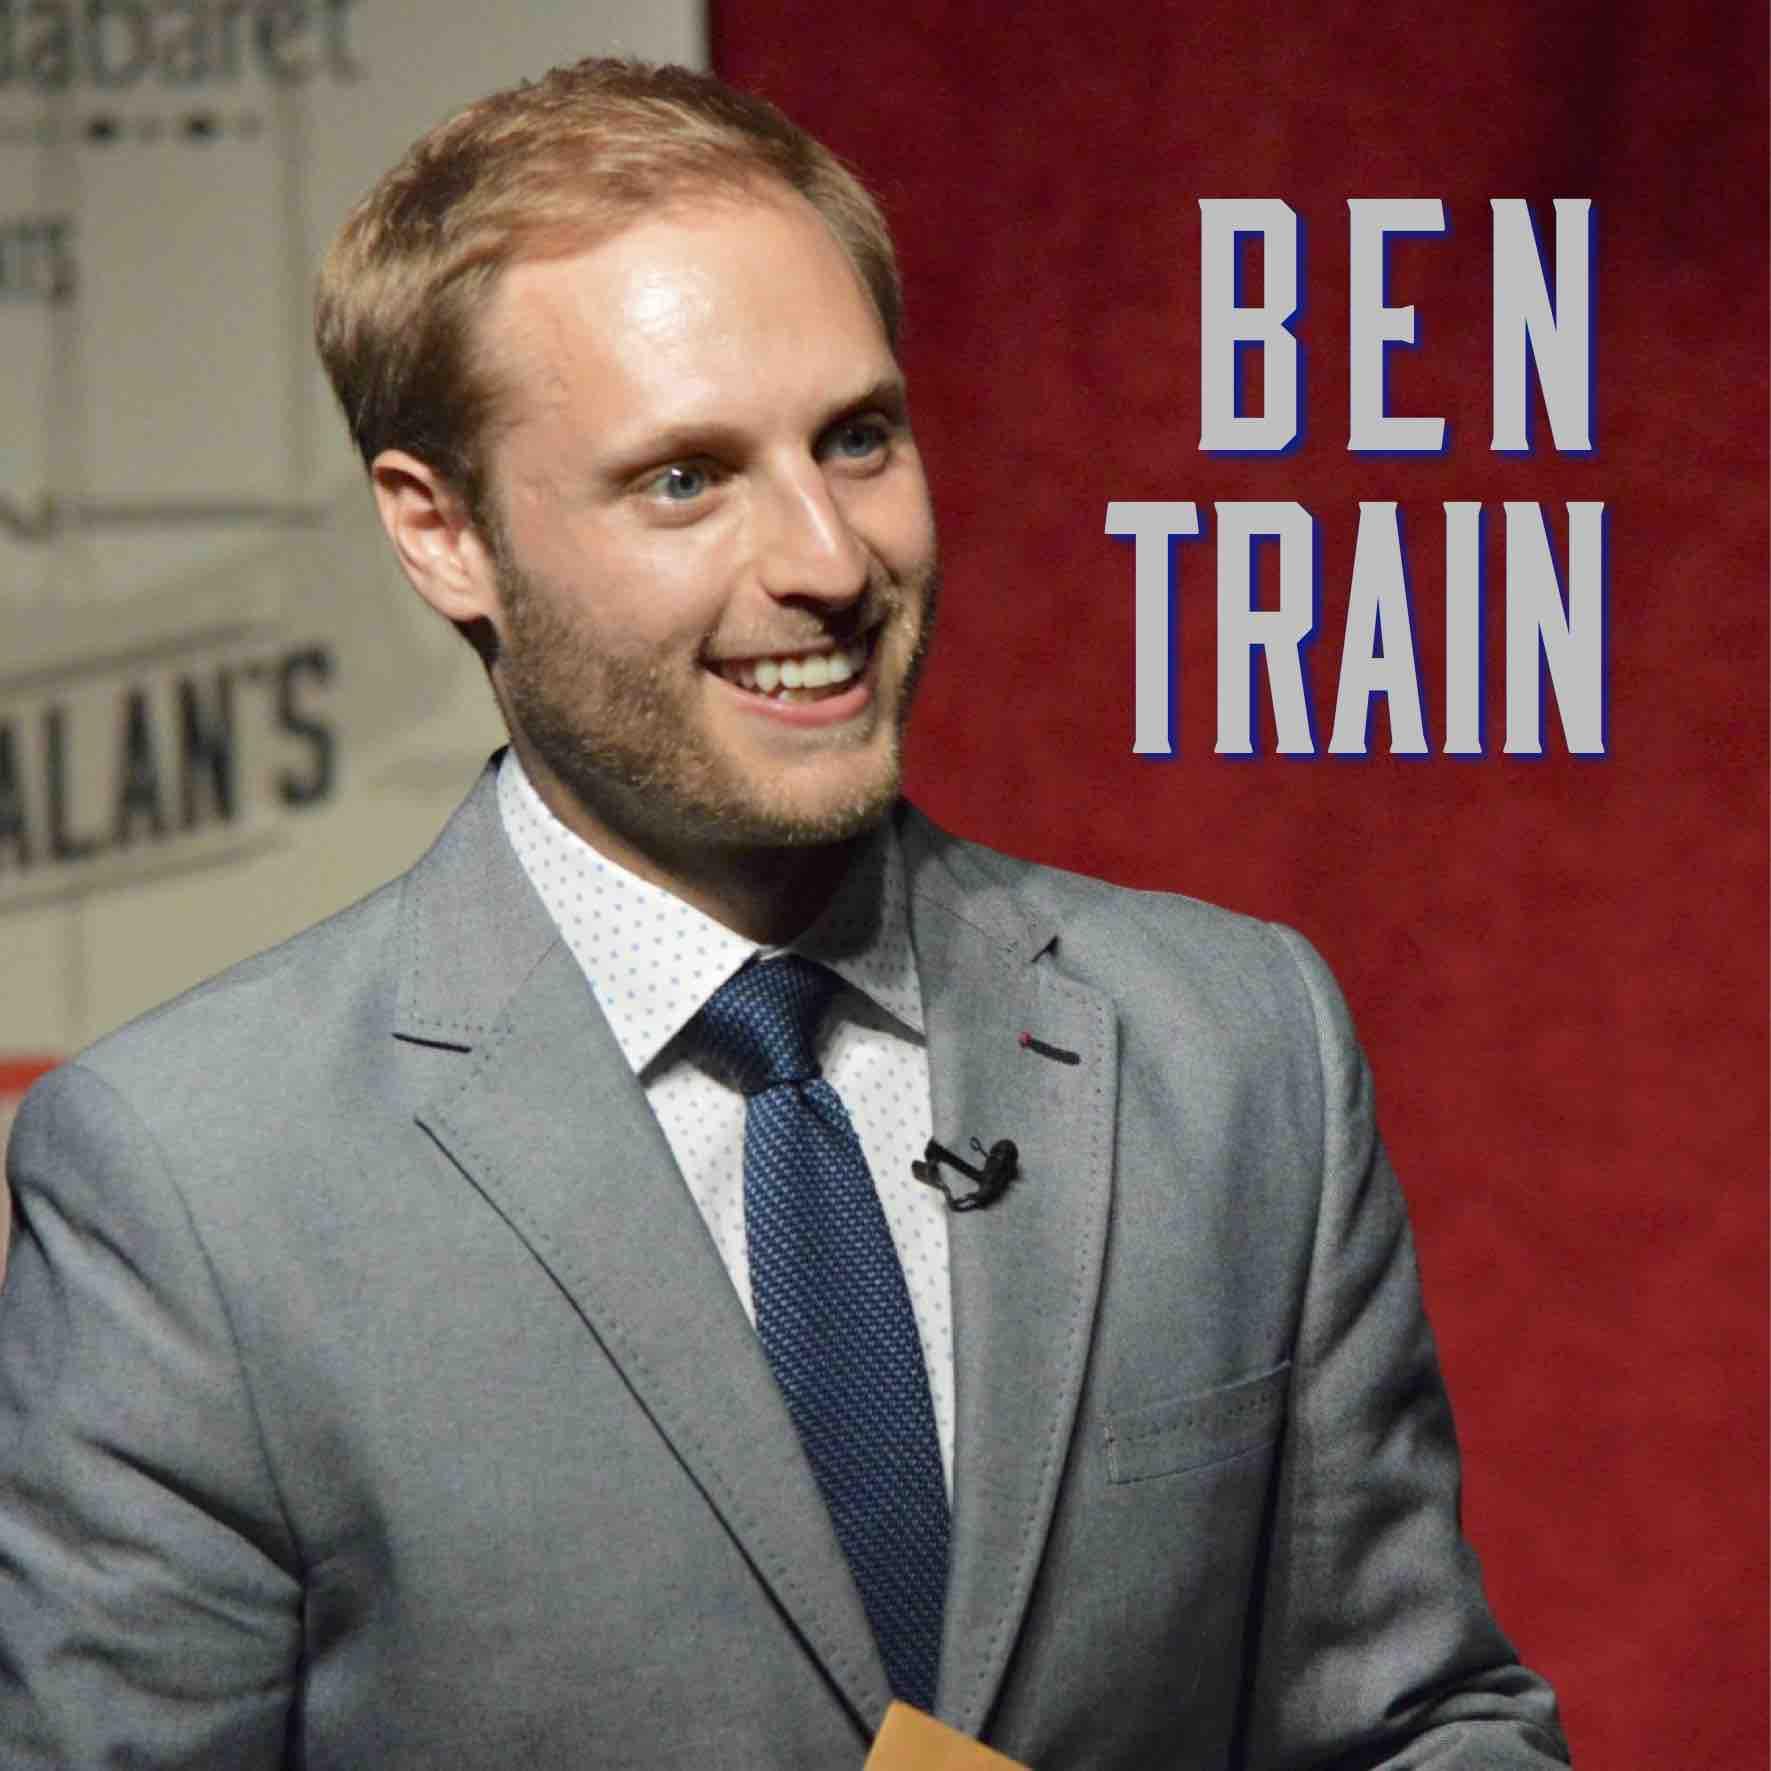 Ben Train